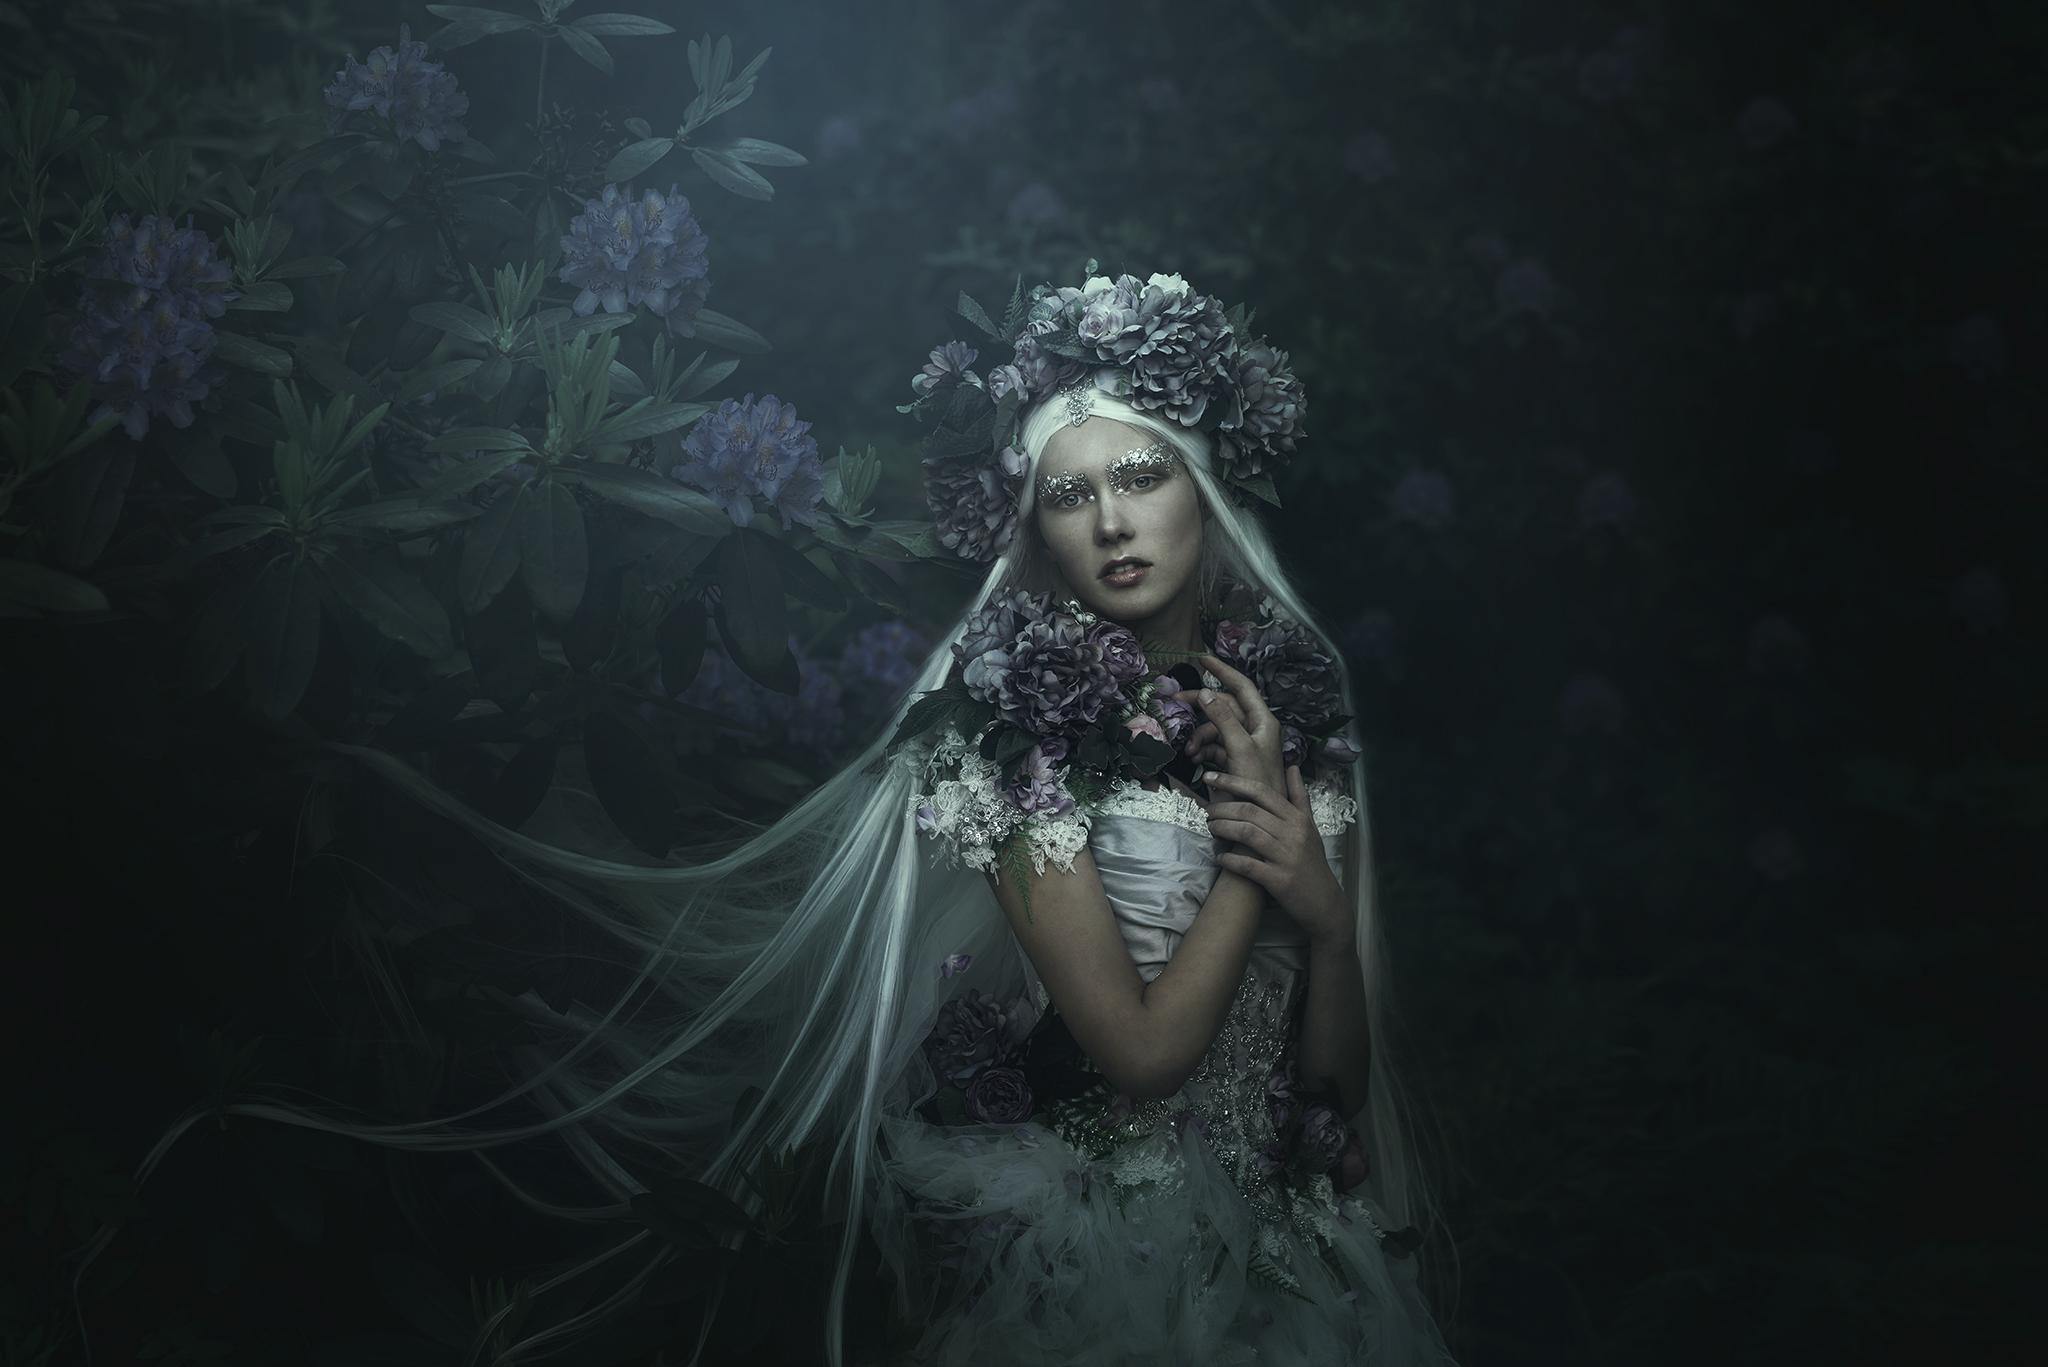 0090-mikaelaholmberg-fineart-morkcollective-mirjamlehtonen-costumeart-fairytale.jpg